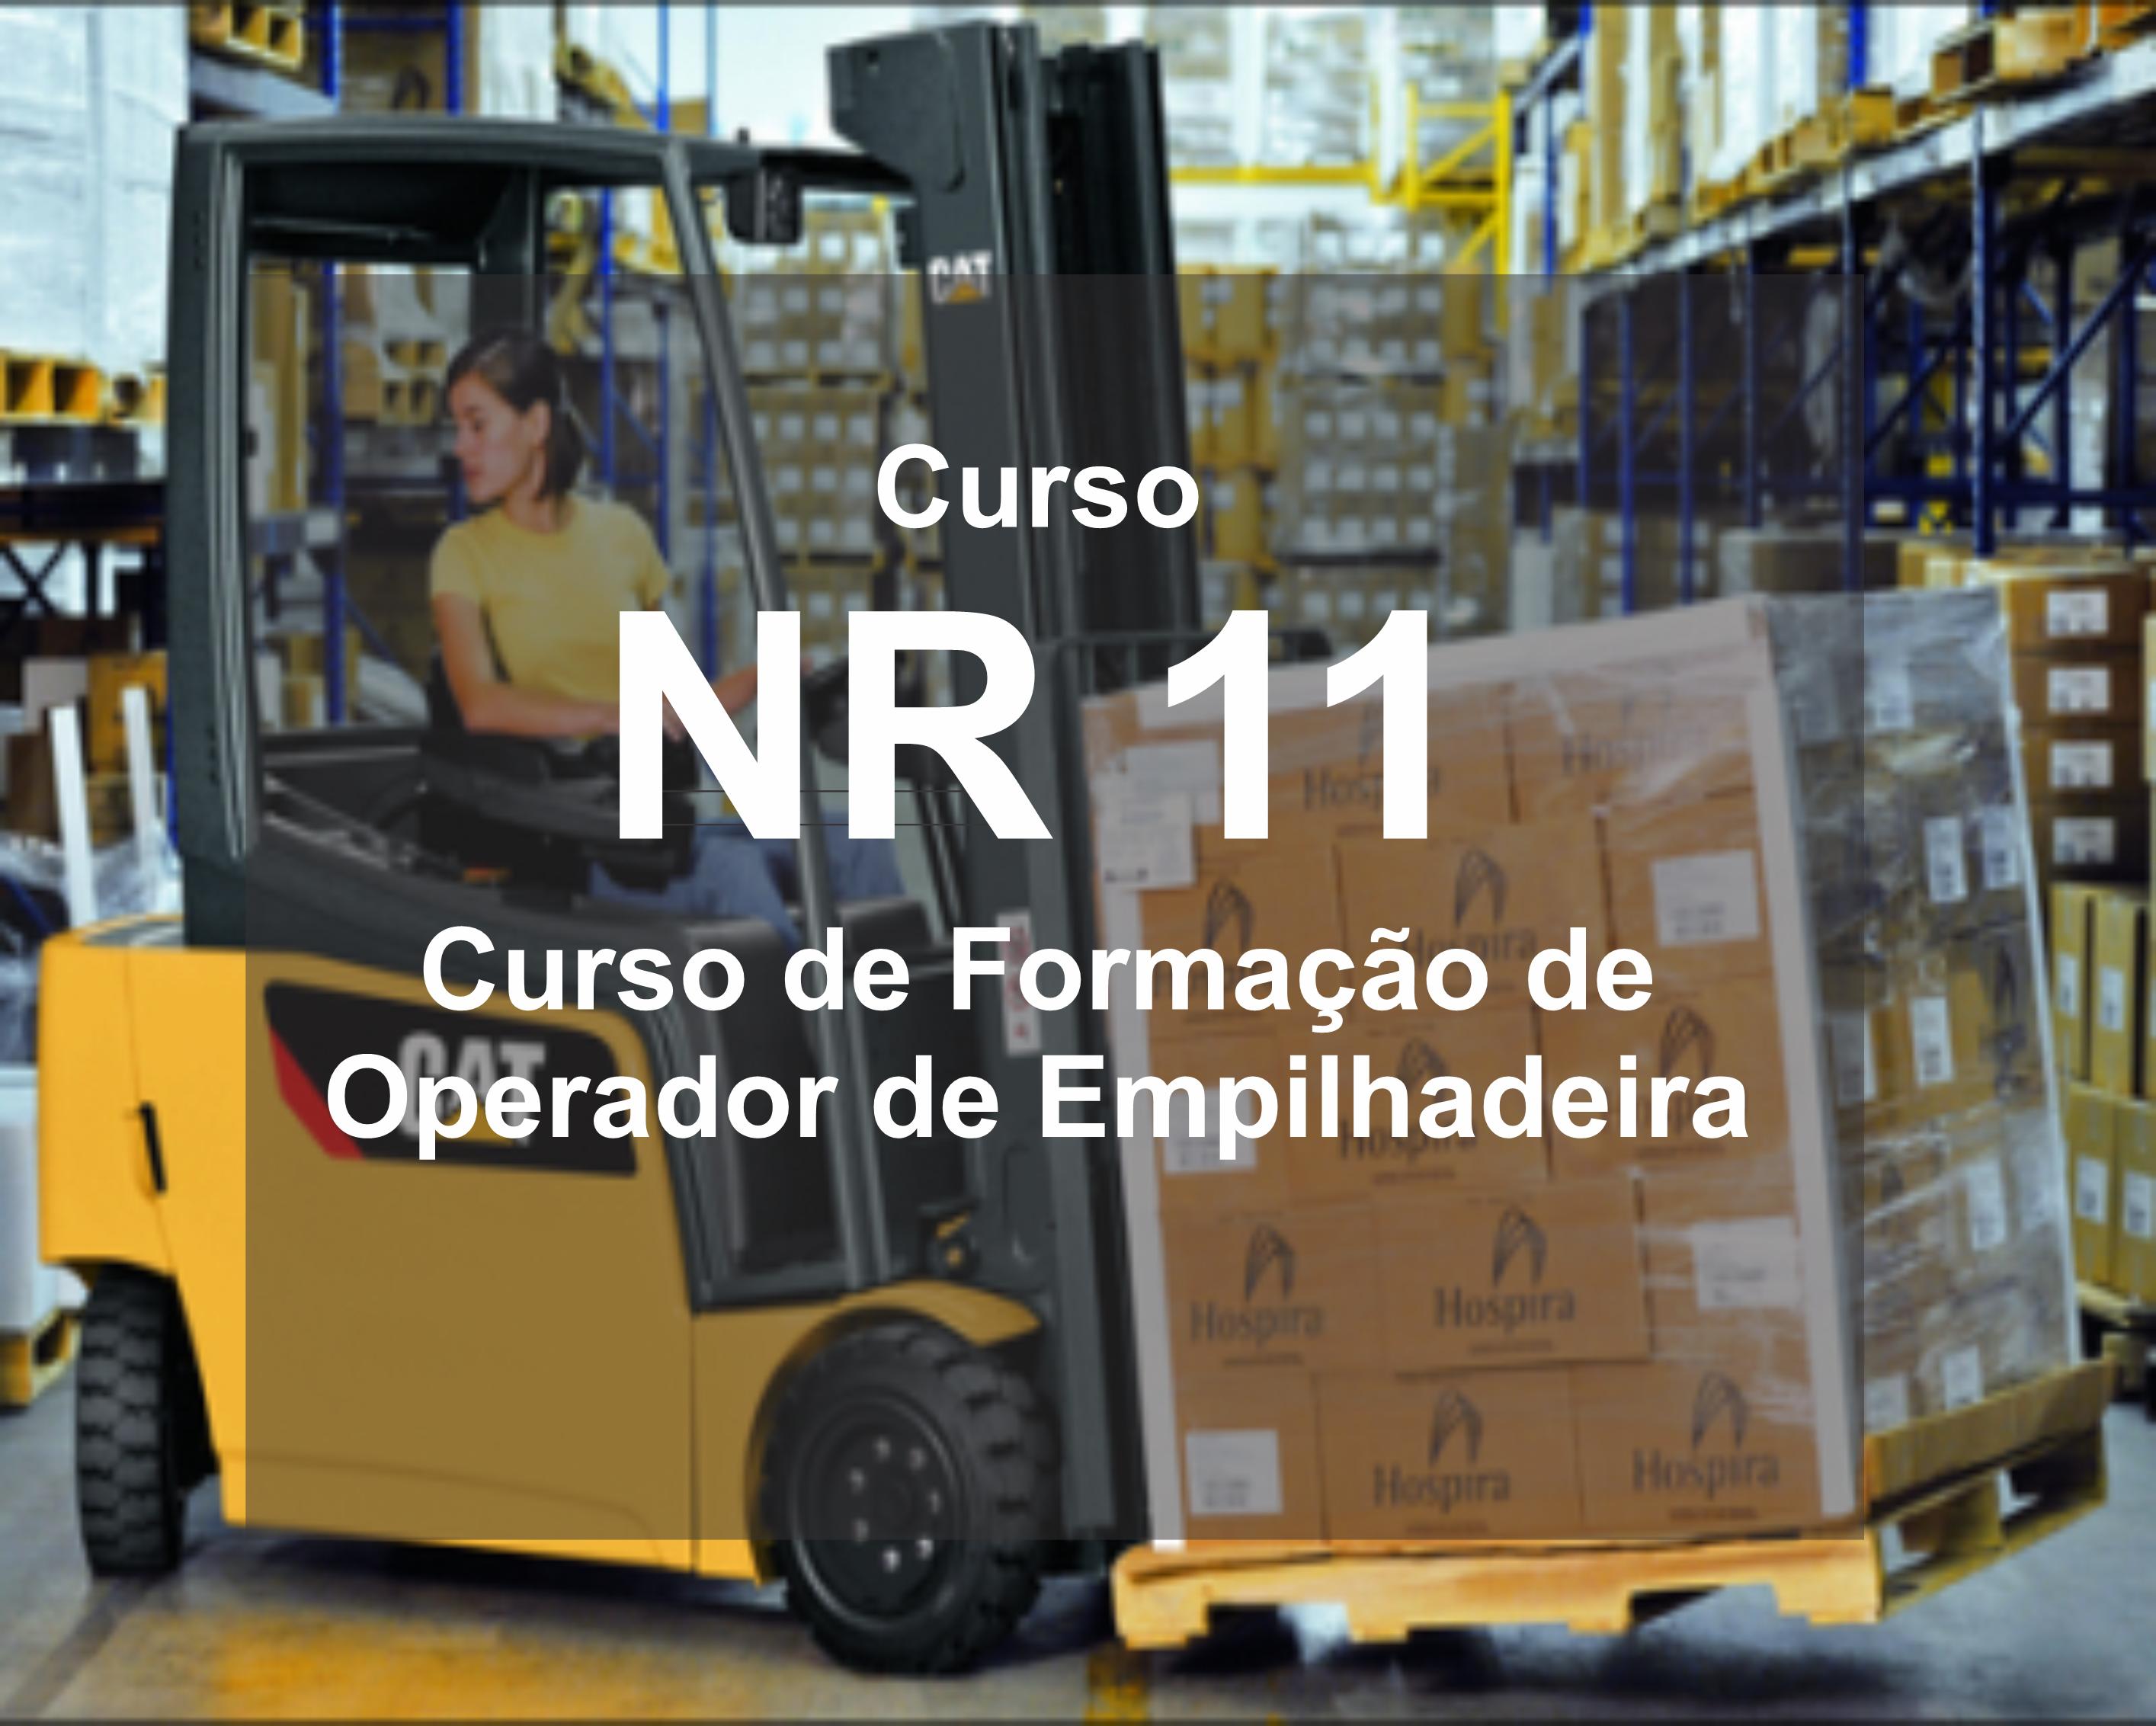 NR11 Emp